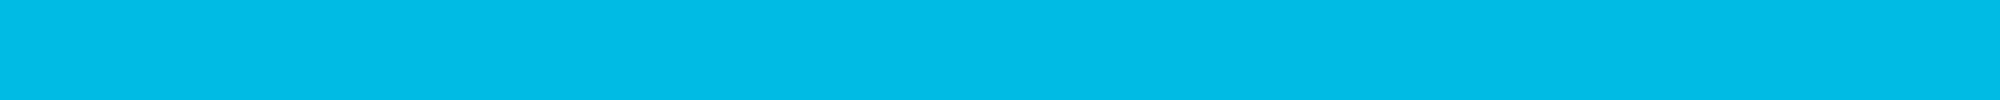 curve-lt-blue.png